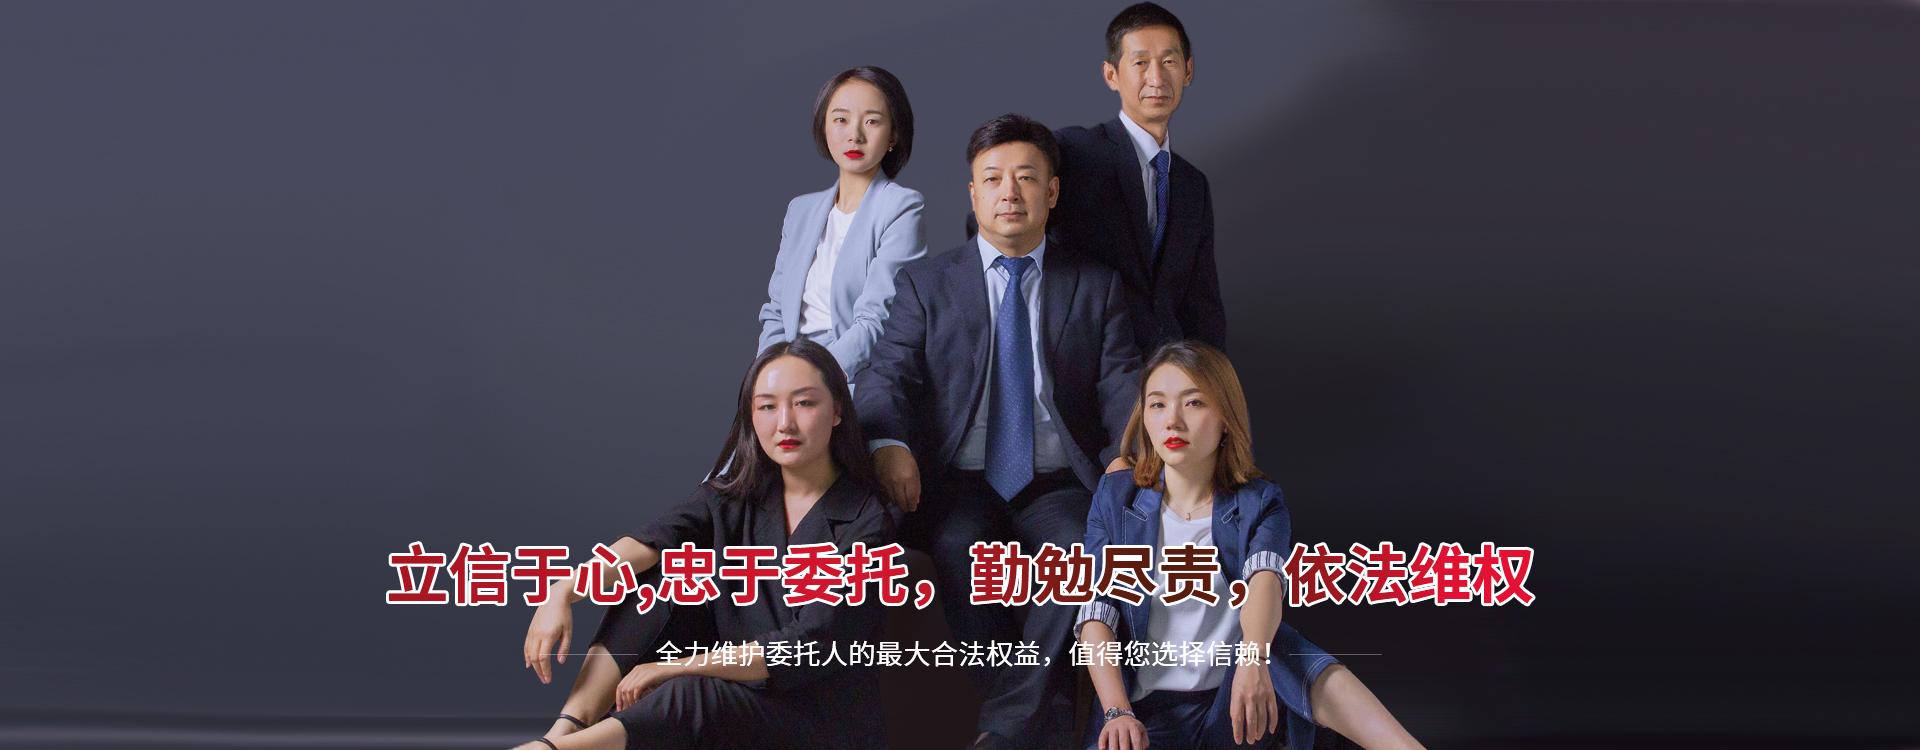 四川昊通(凉山)律师事务所-四川毛军律师团队